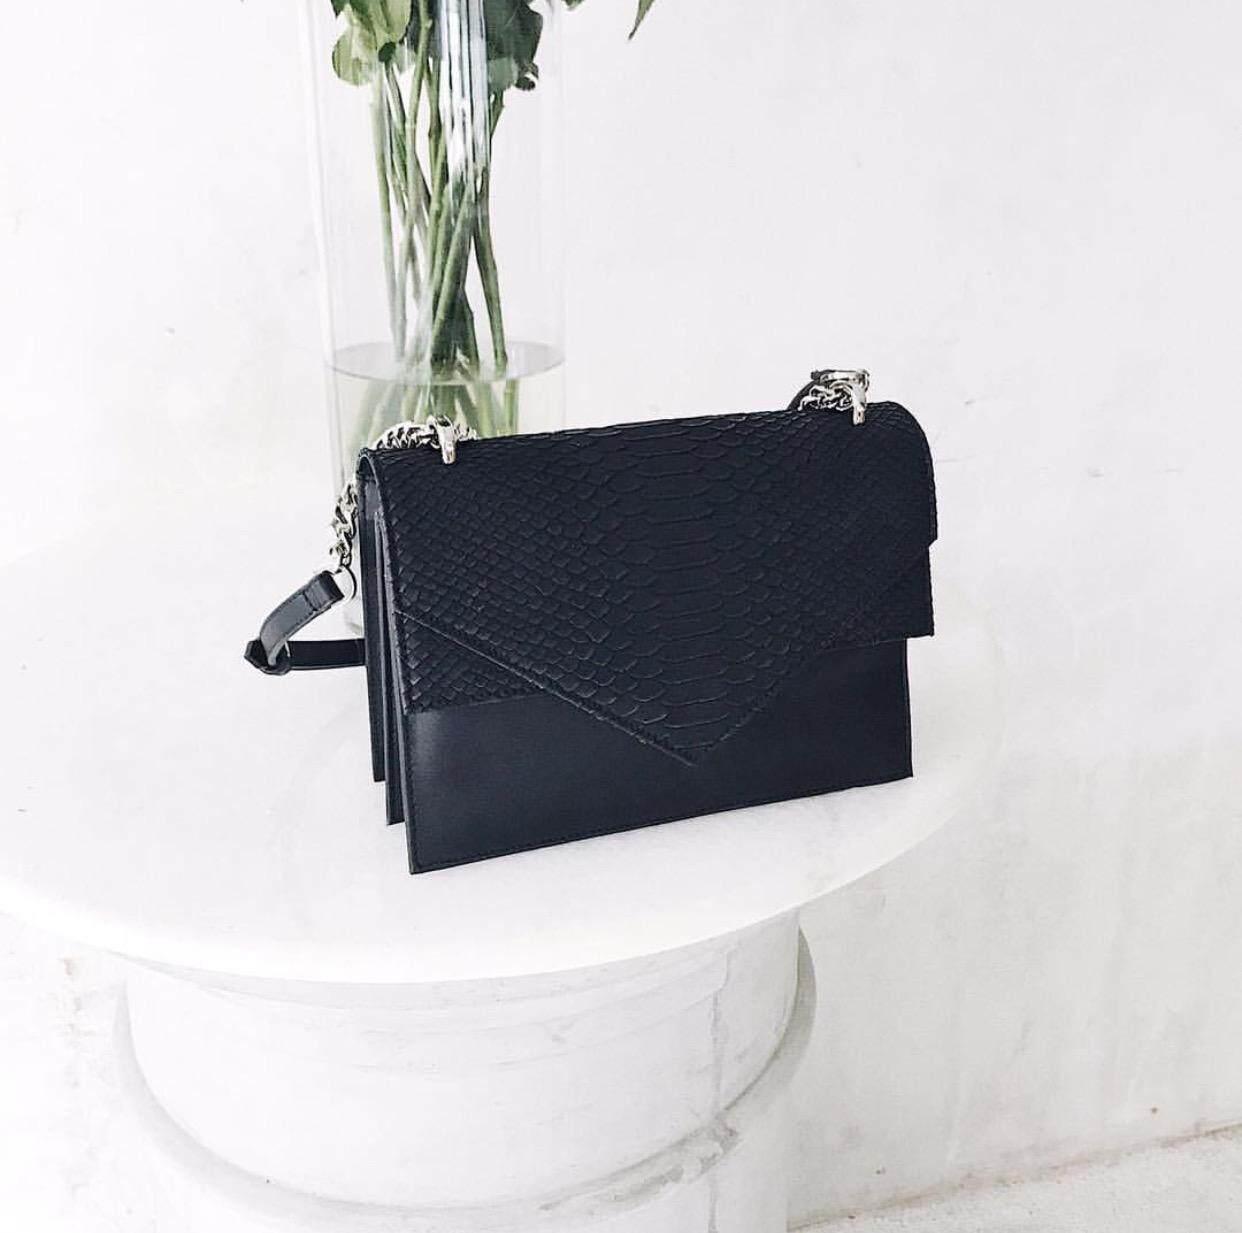 กระเป๋าเป้ นักเรียน ผู้หญิง วัยรุ่น ลำพูน TALLULAH Freya handbag